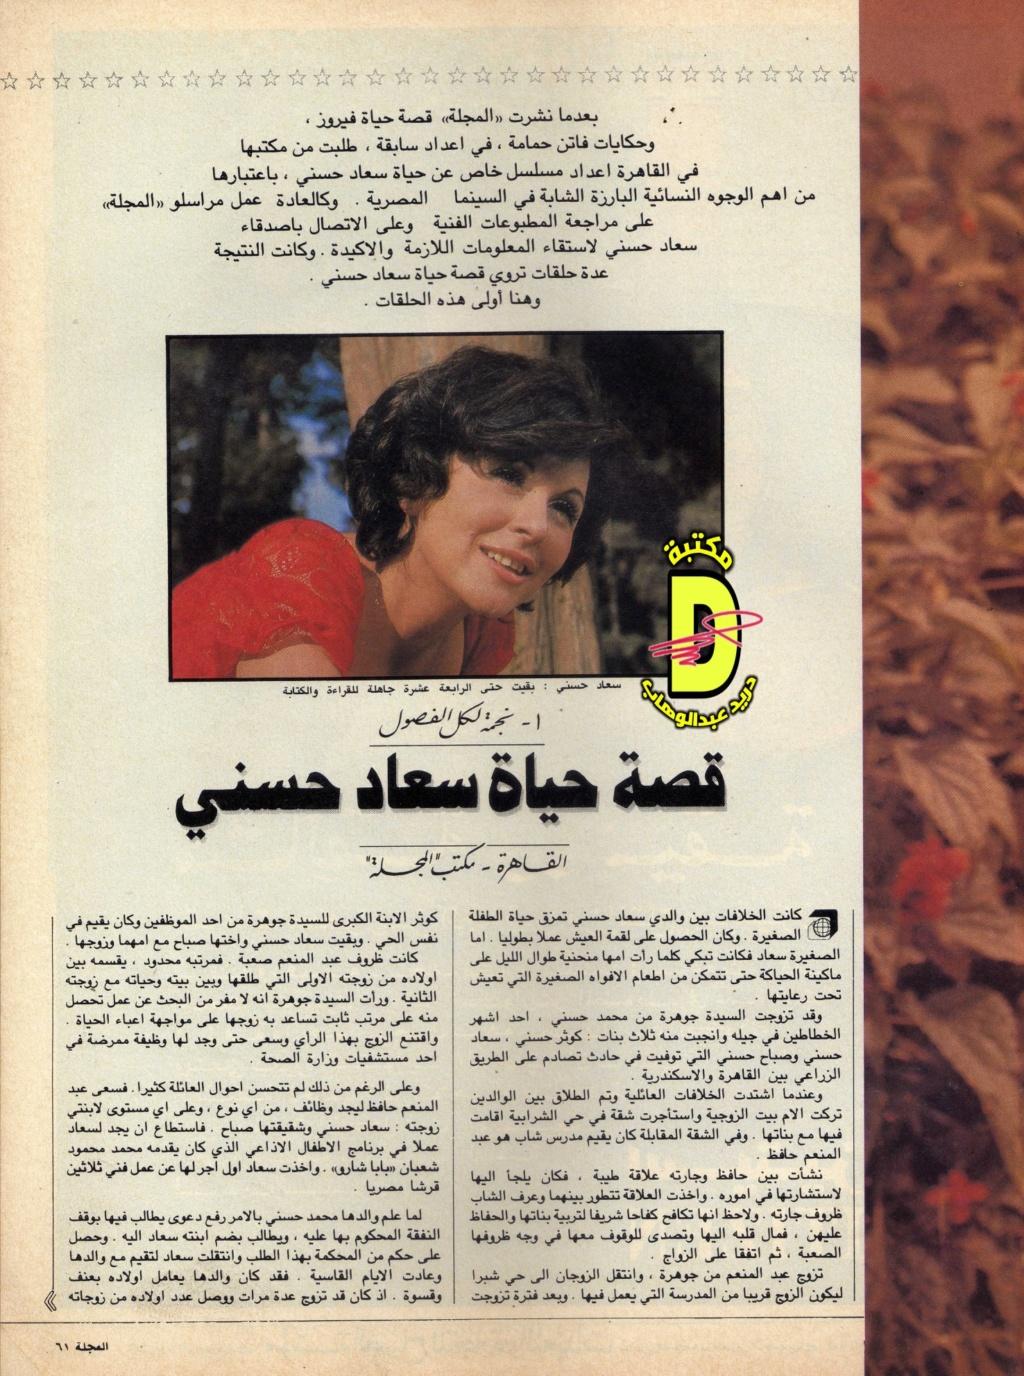 صحفي - مقال صحفي : قصة حياة سعاد حسني .. نجمة لكل الفصول 1990 م (؟) 165